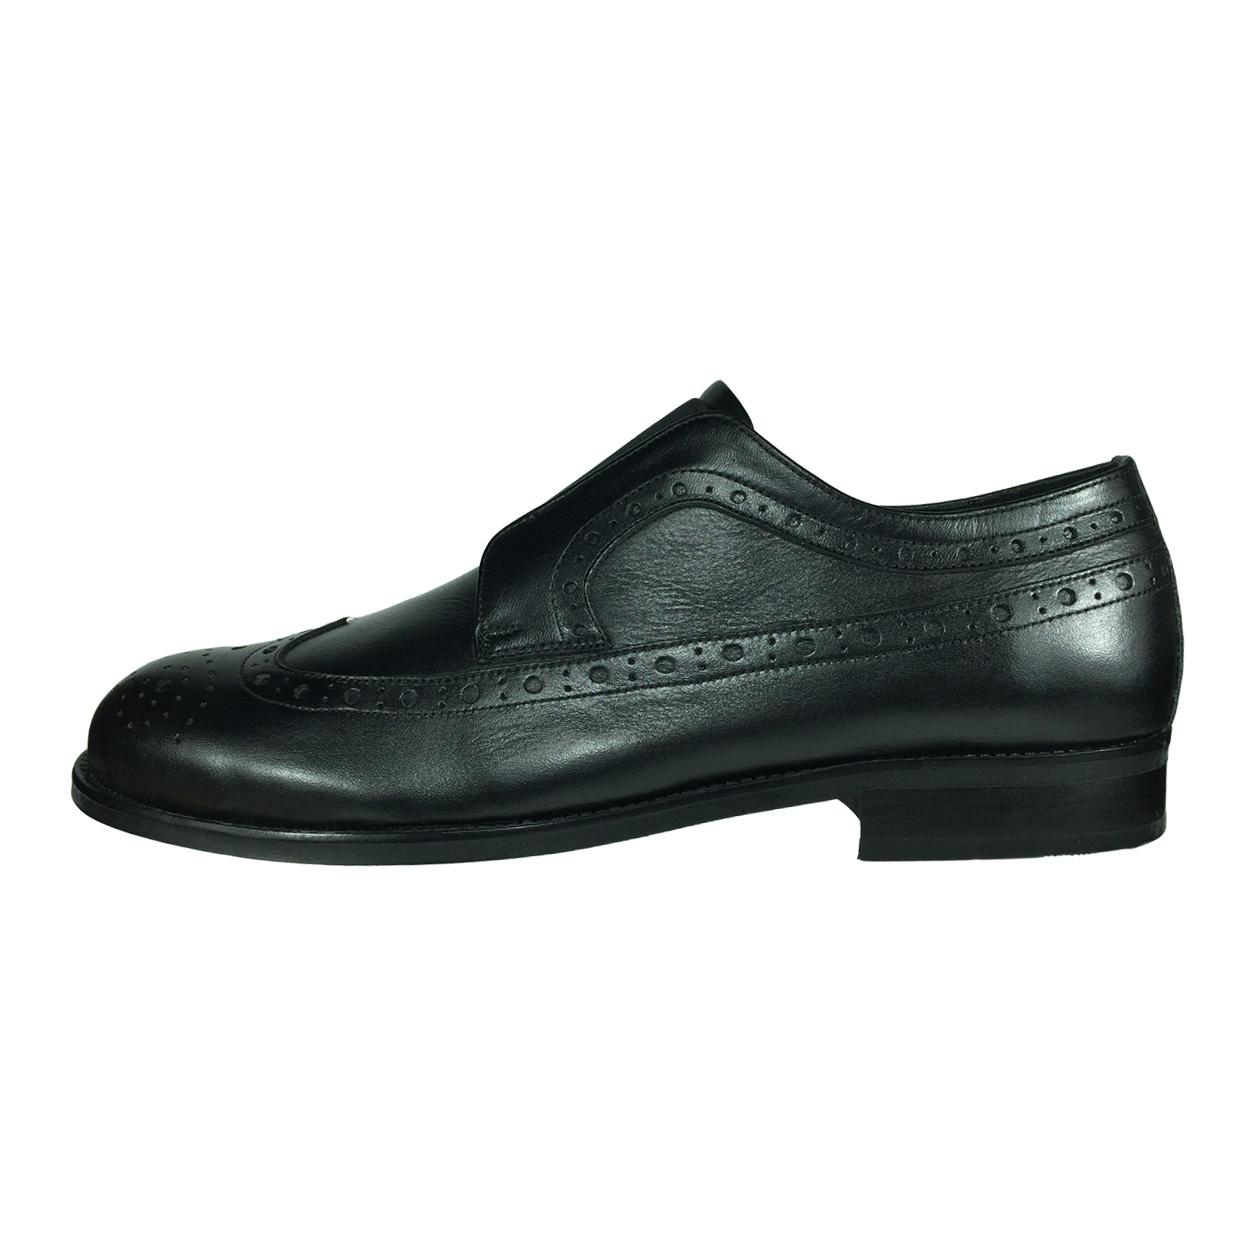 کفش مردانه پاریس جامه مدل B482 رنگ مشکی